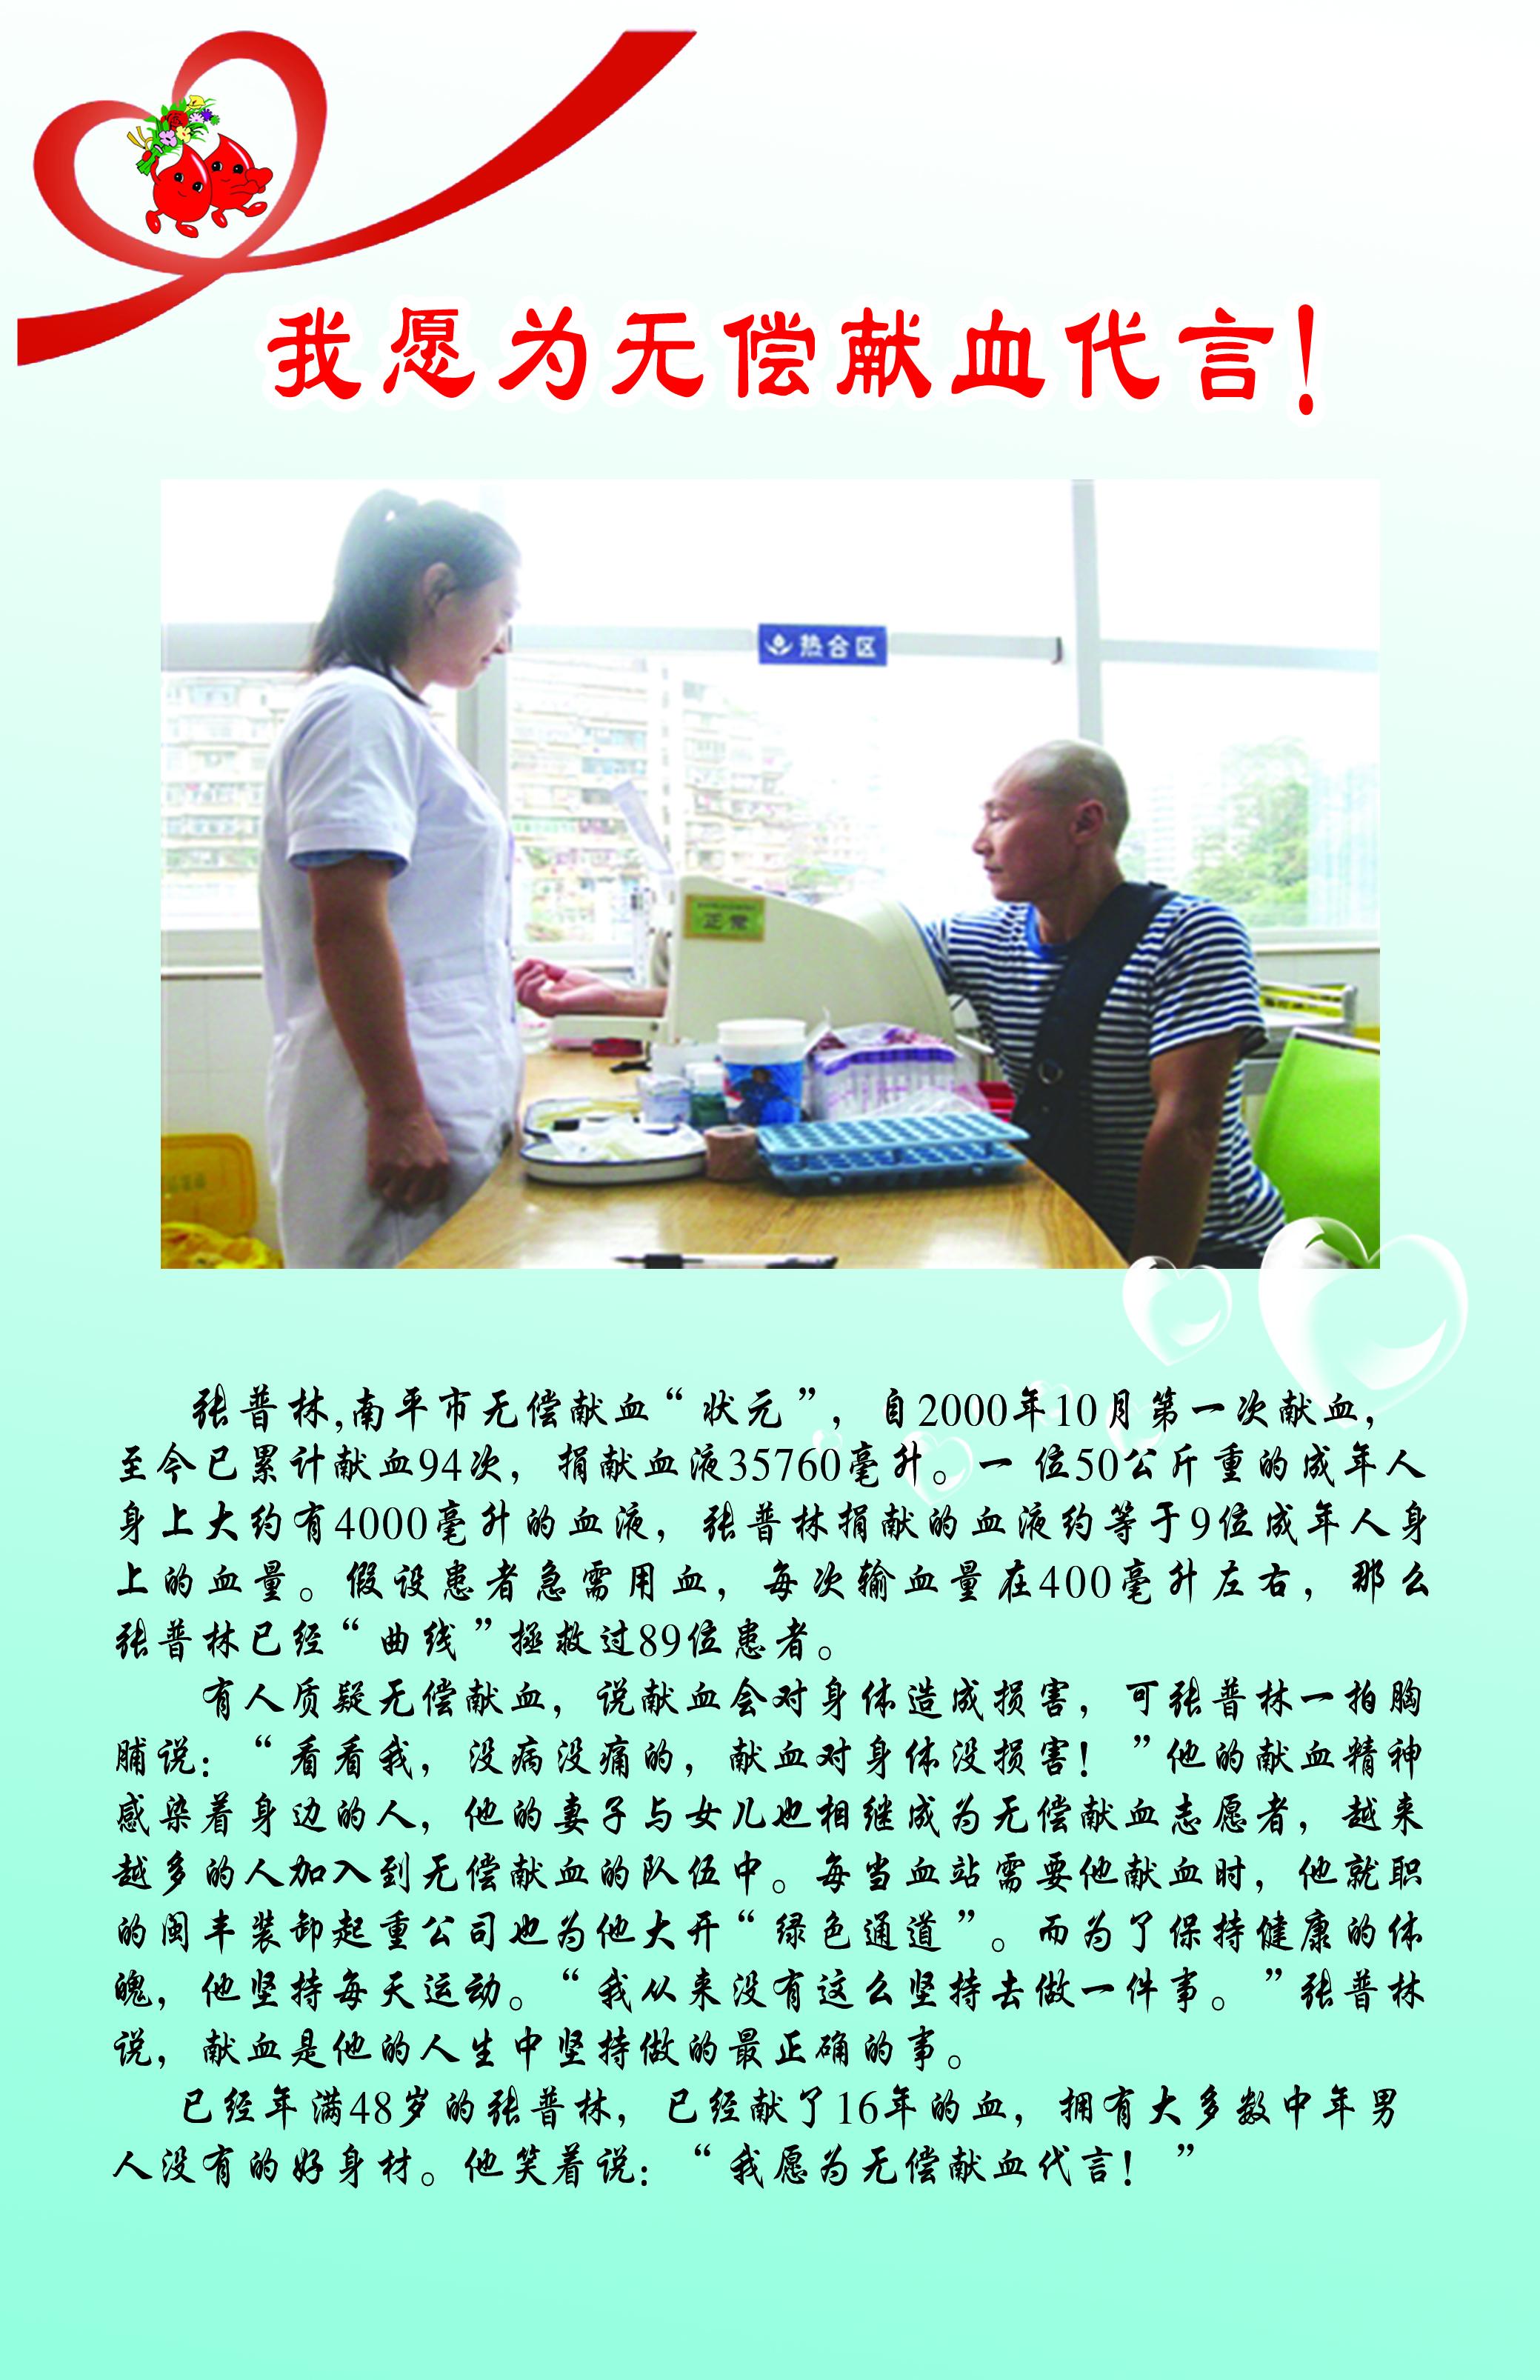 献血者风采-张普林